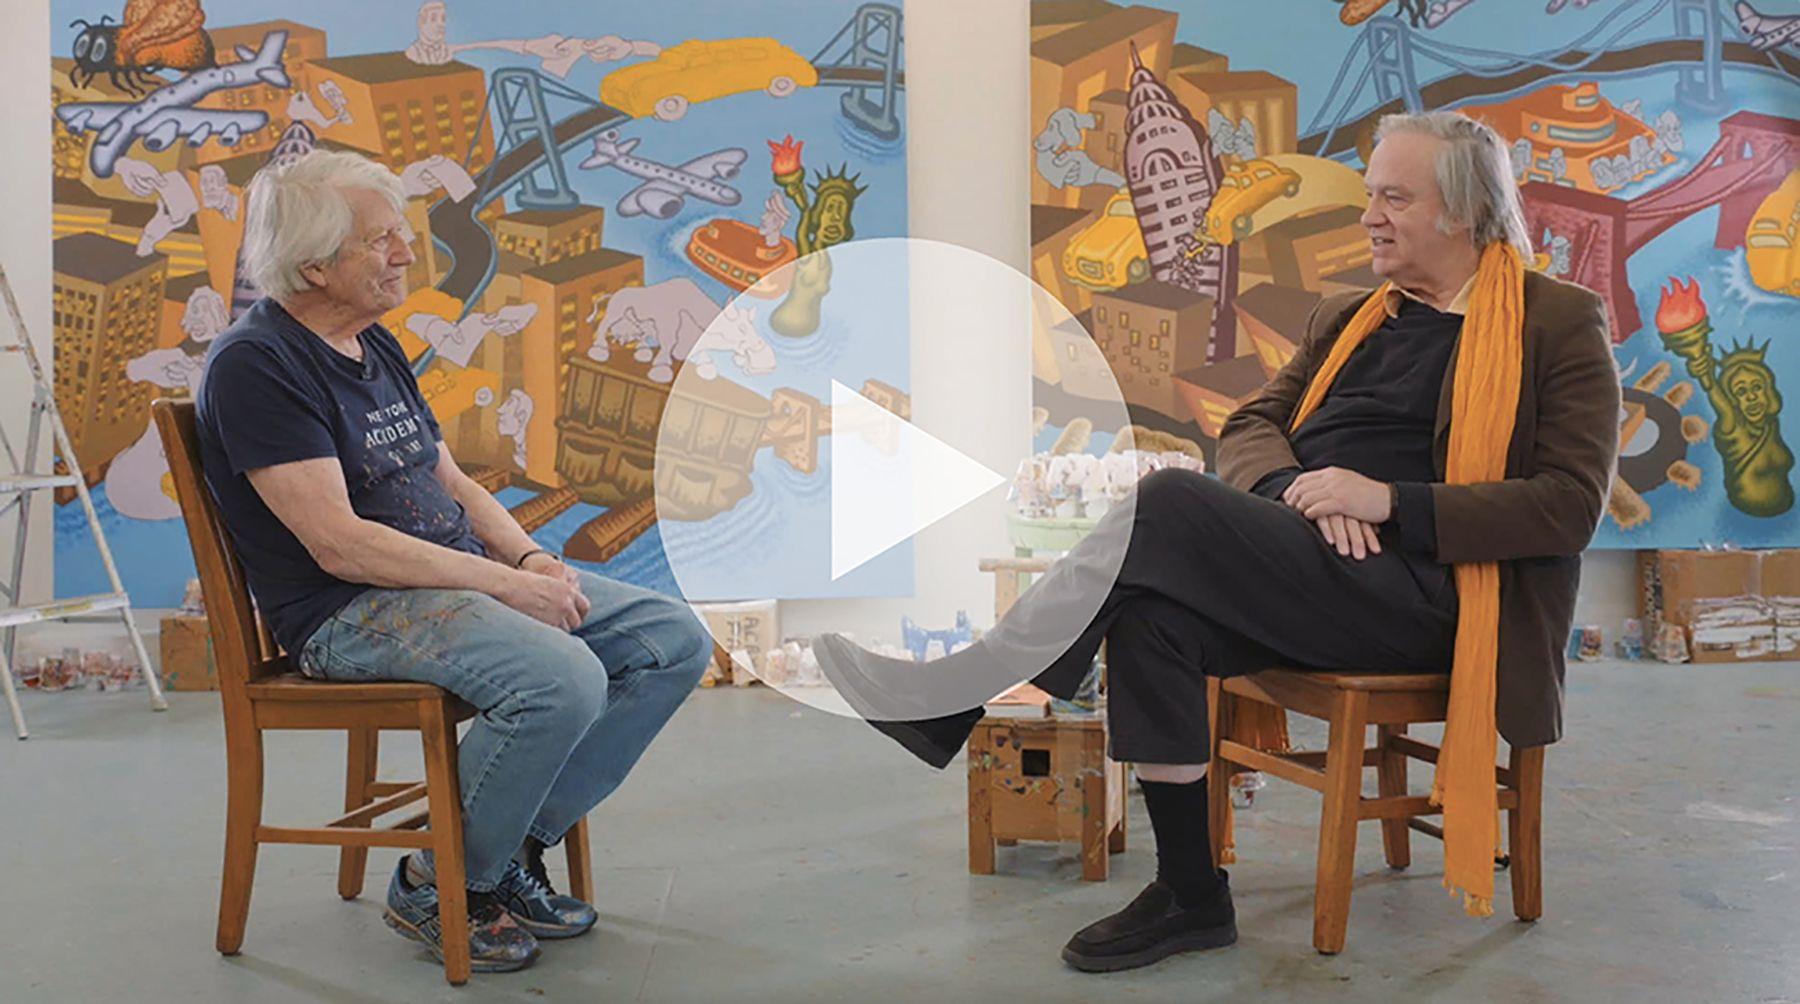 Peter Saul Talks With Robert Storr